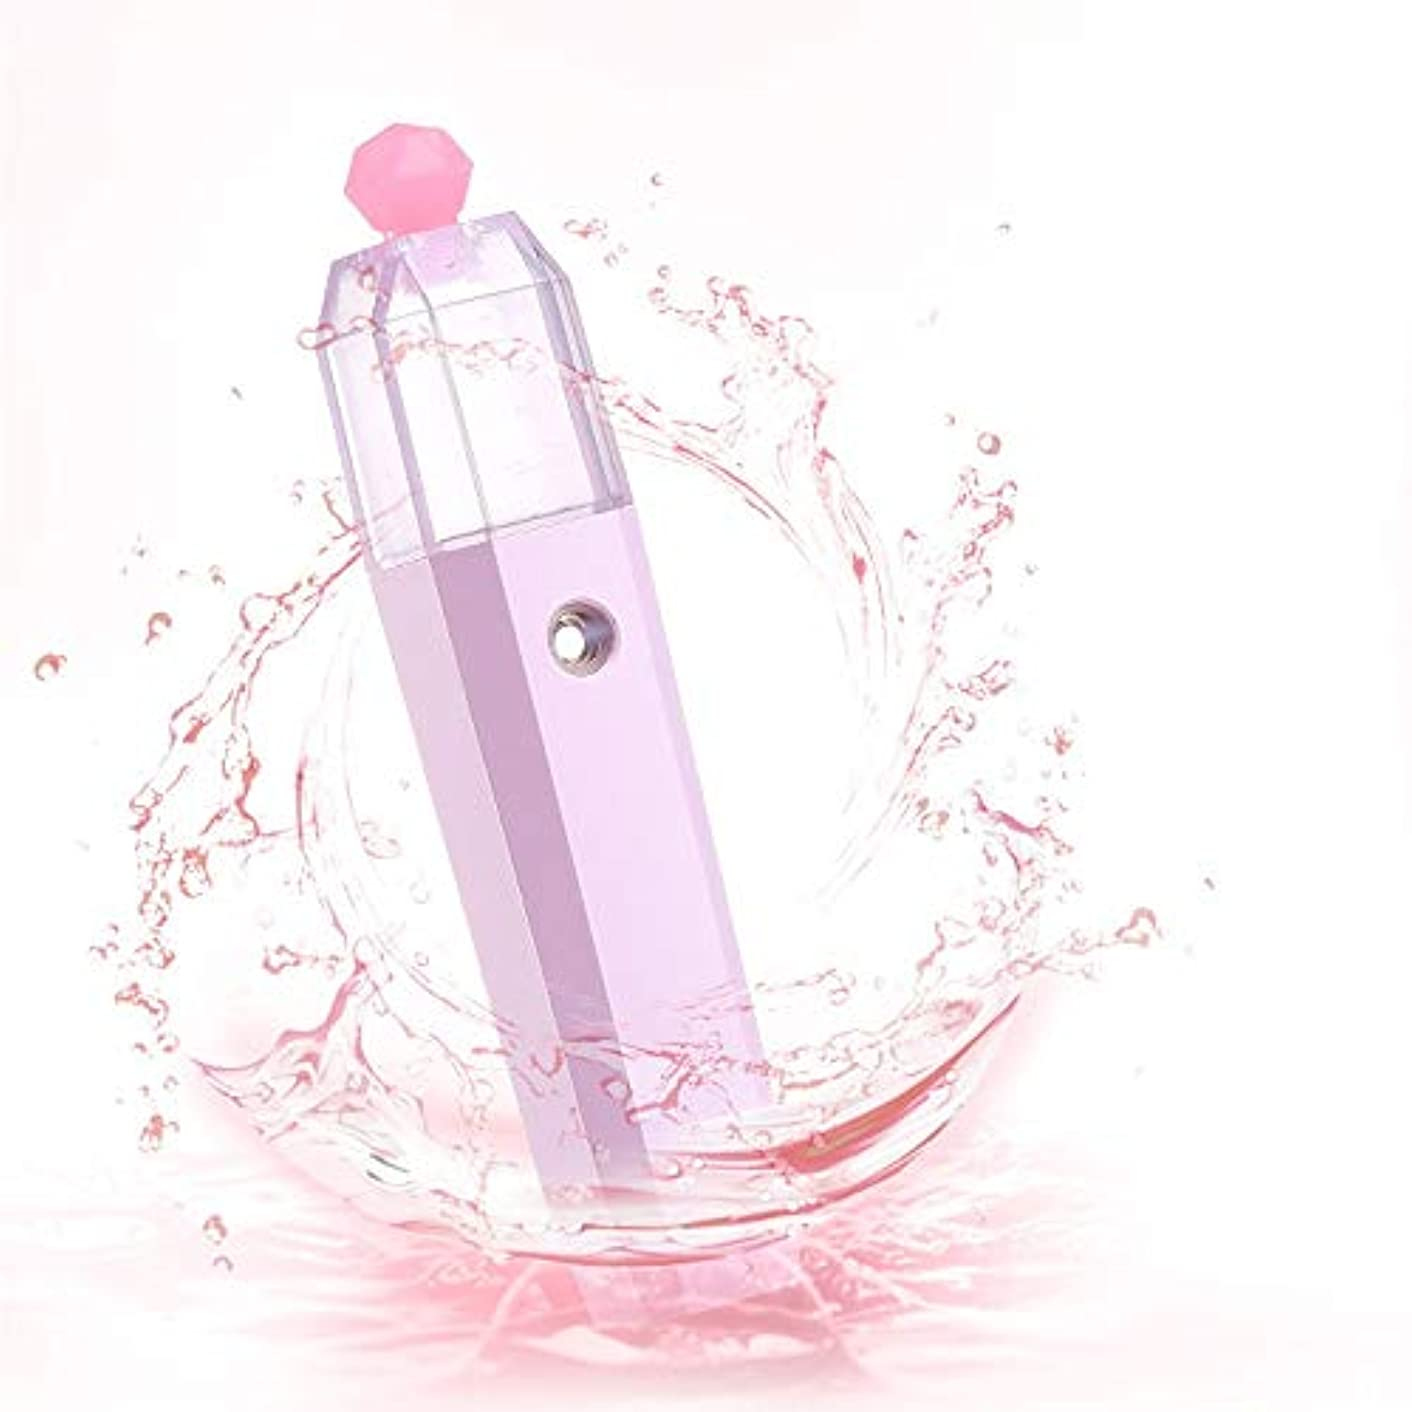 ところで休戦コメントZXF 水道メーター美容ハンドスプレー新しいナノスプレーポータブル家庭用フェイスフェイシャルモイスチャライザーピンク 滑らかである